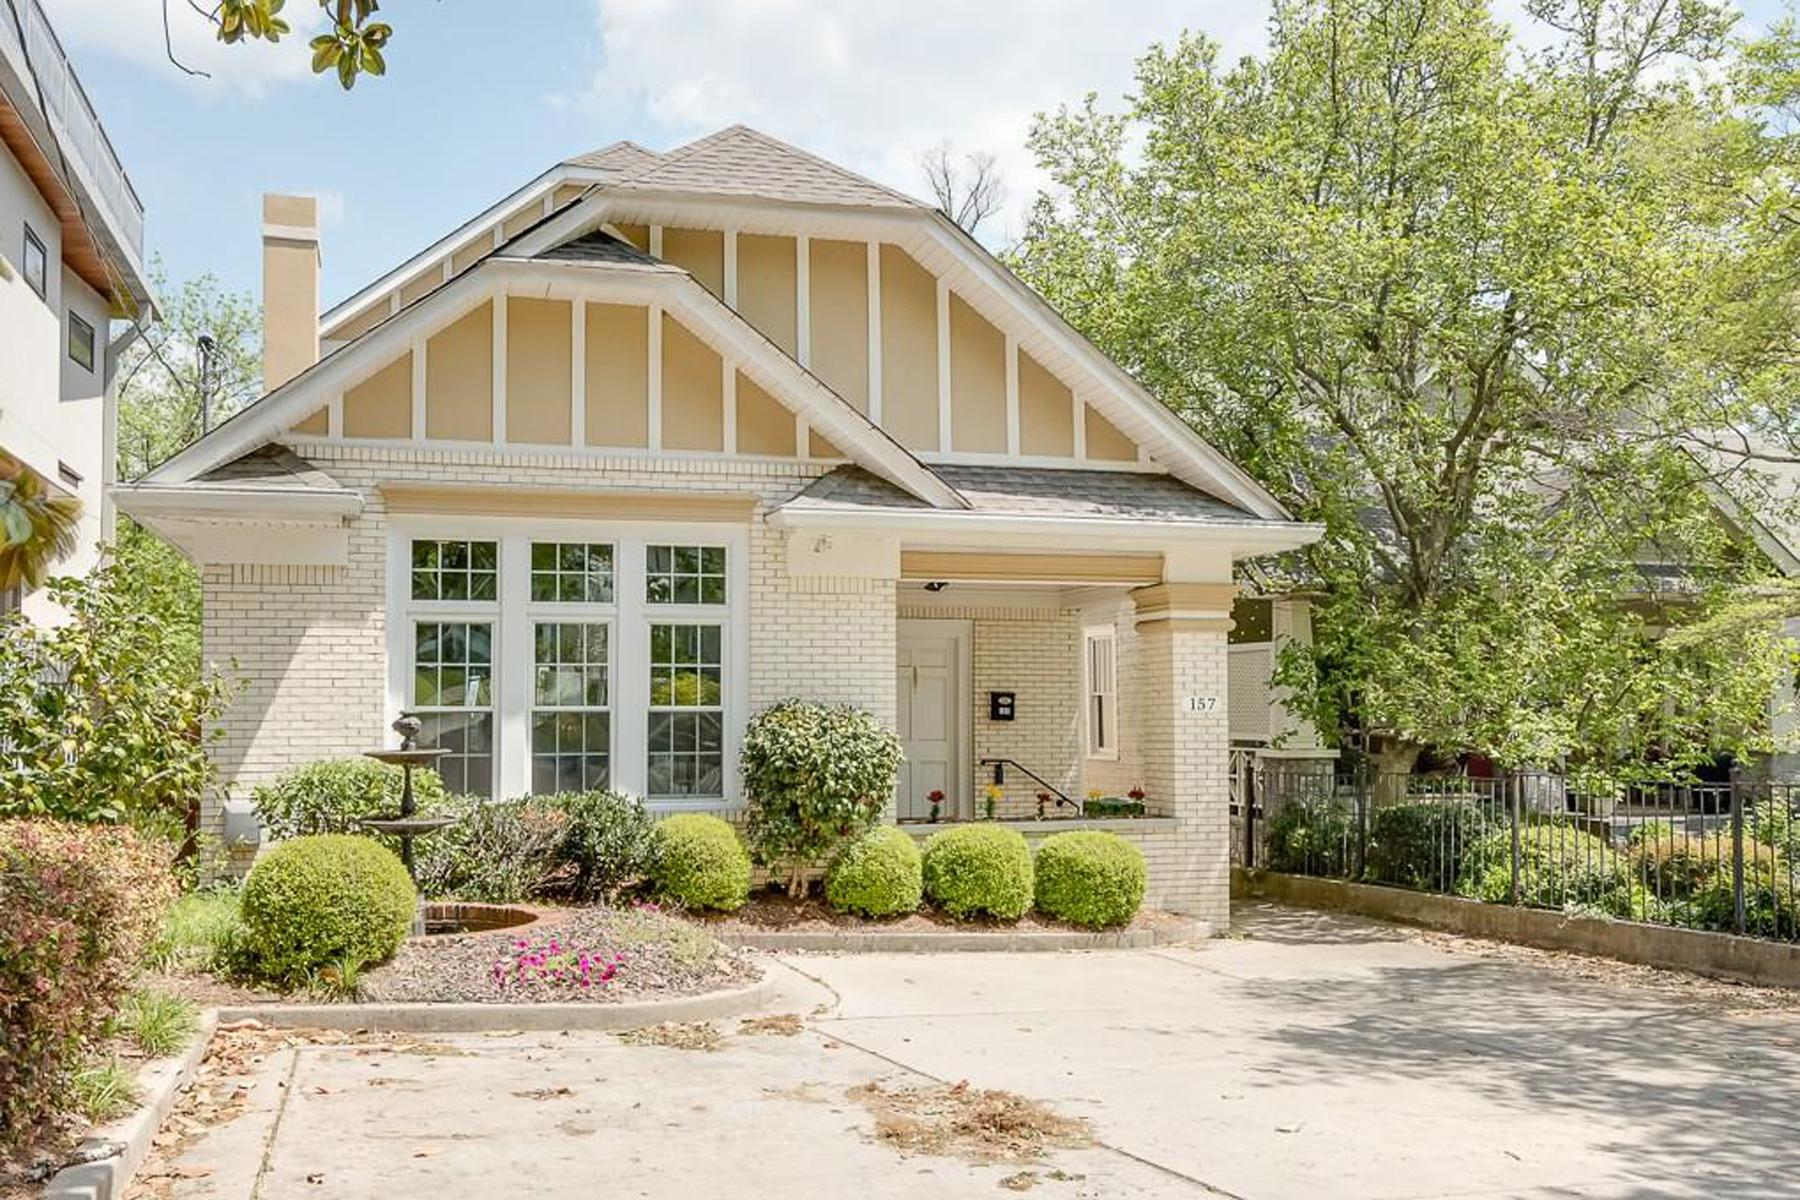 Moradia para Venda às Spacious Ansley Park Bungalow 157 The Prado Atlanta, Geórgia 30309 Estados Unidos